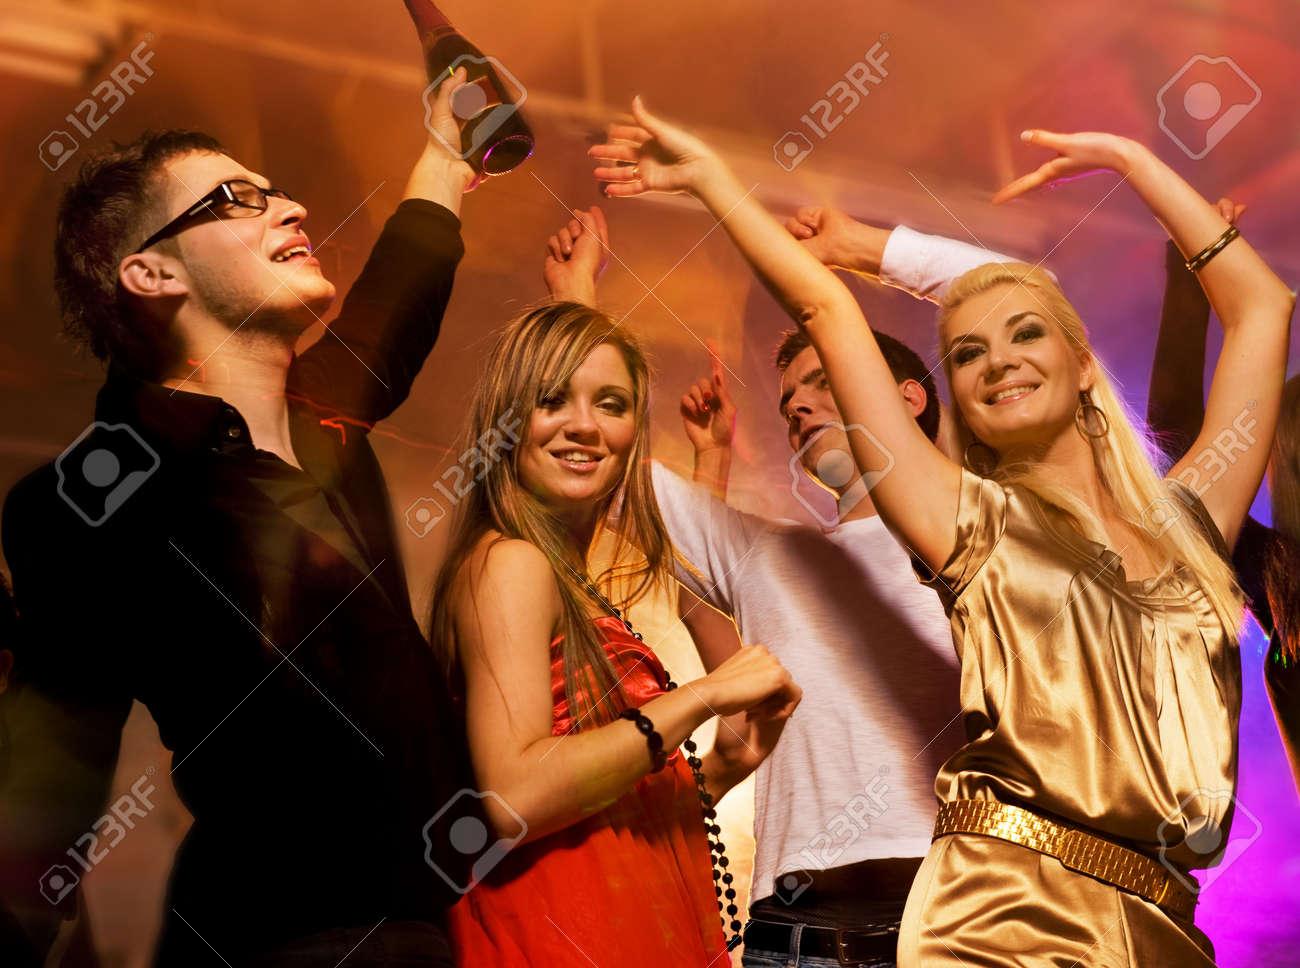 Член в ночном клубе 14 фотография